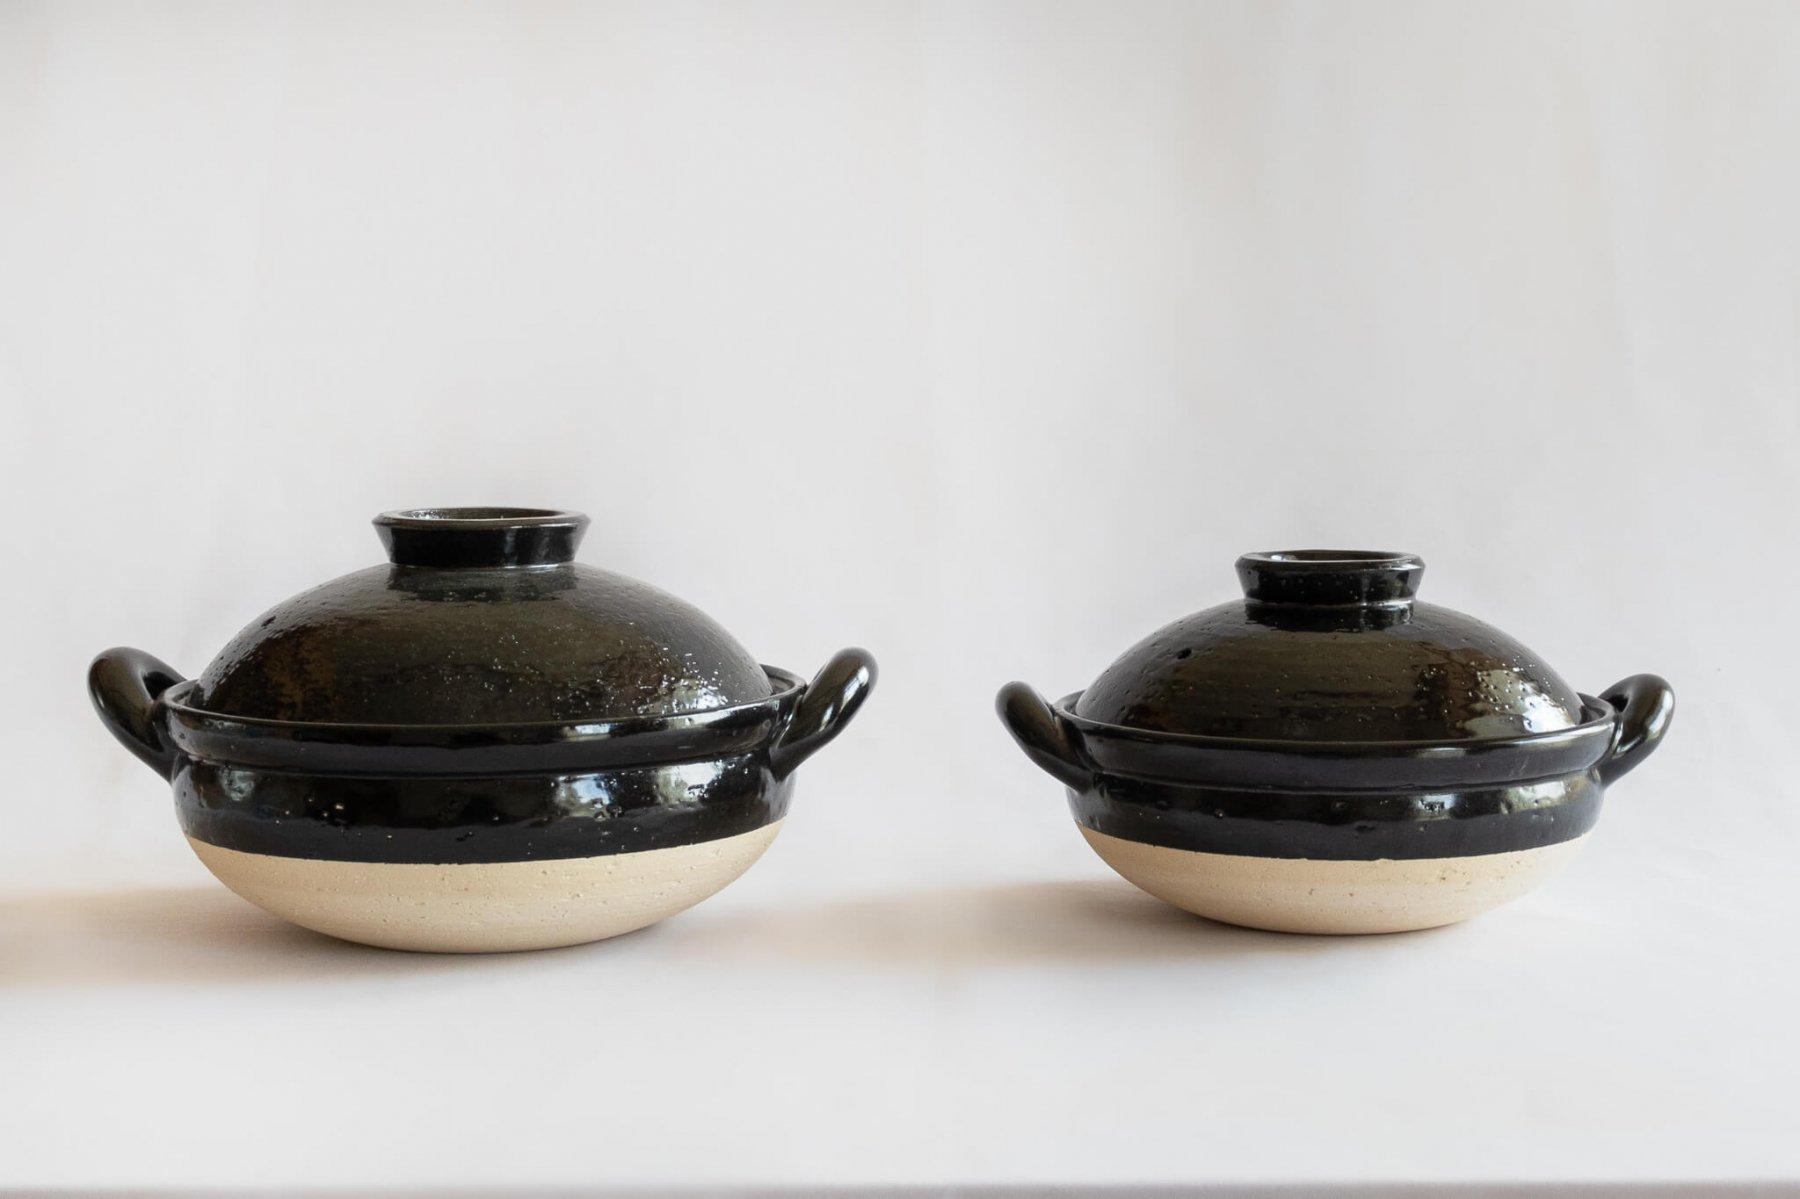 ヘルシー蒸し鍋 黒 (中)-4